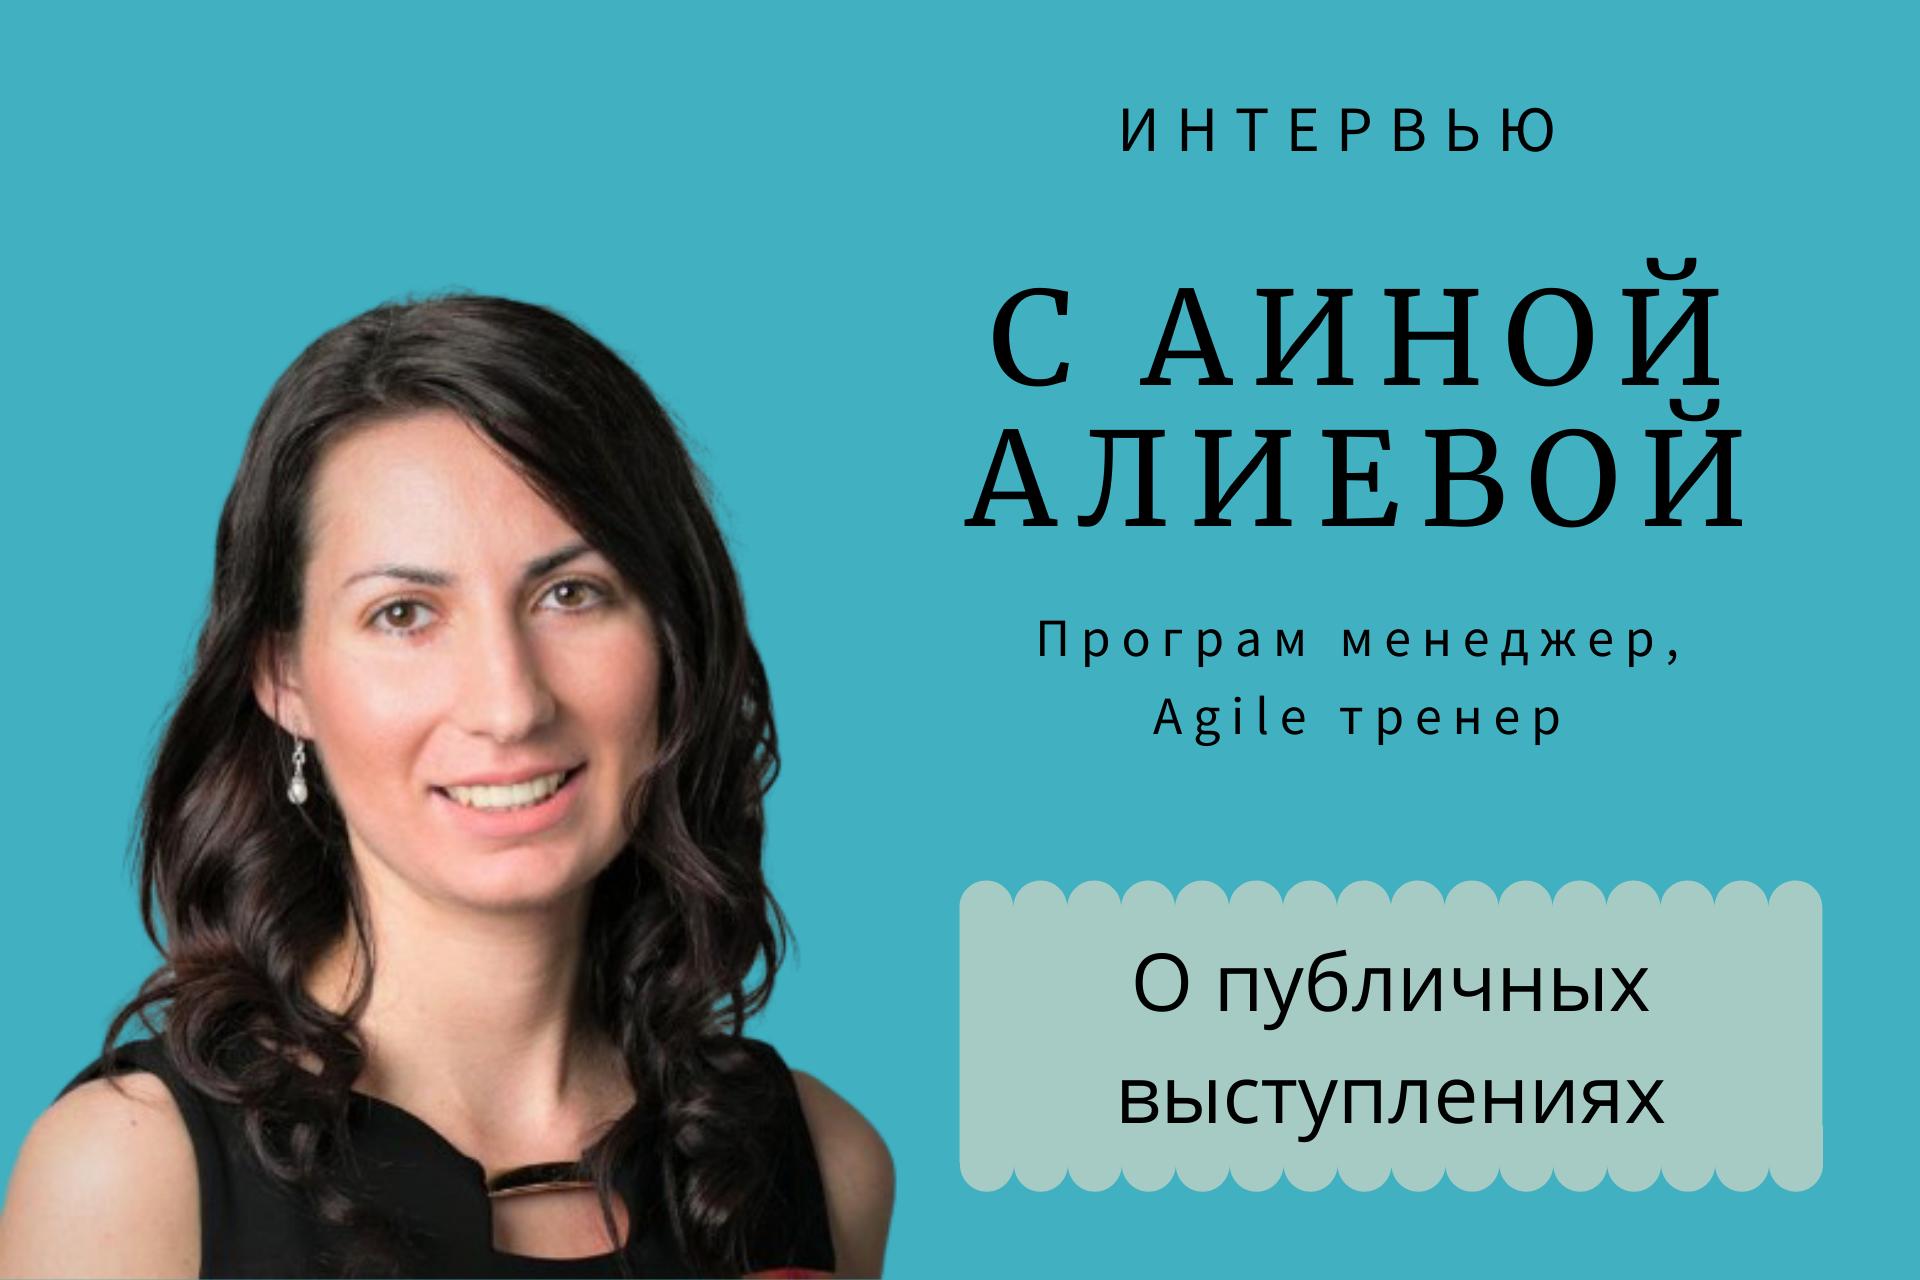 Аина Алиева: «Страх ушел где-то месяца через четыре регулярных выступлений»